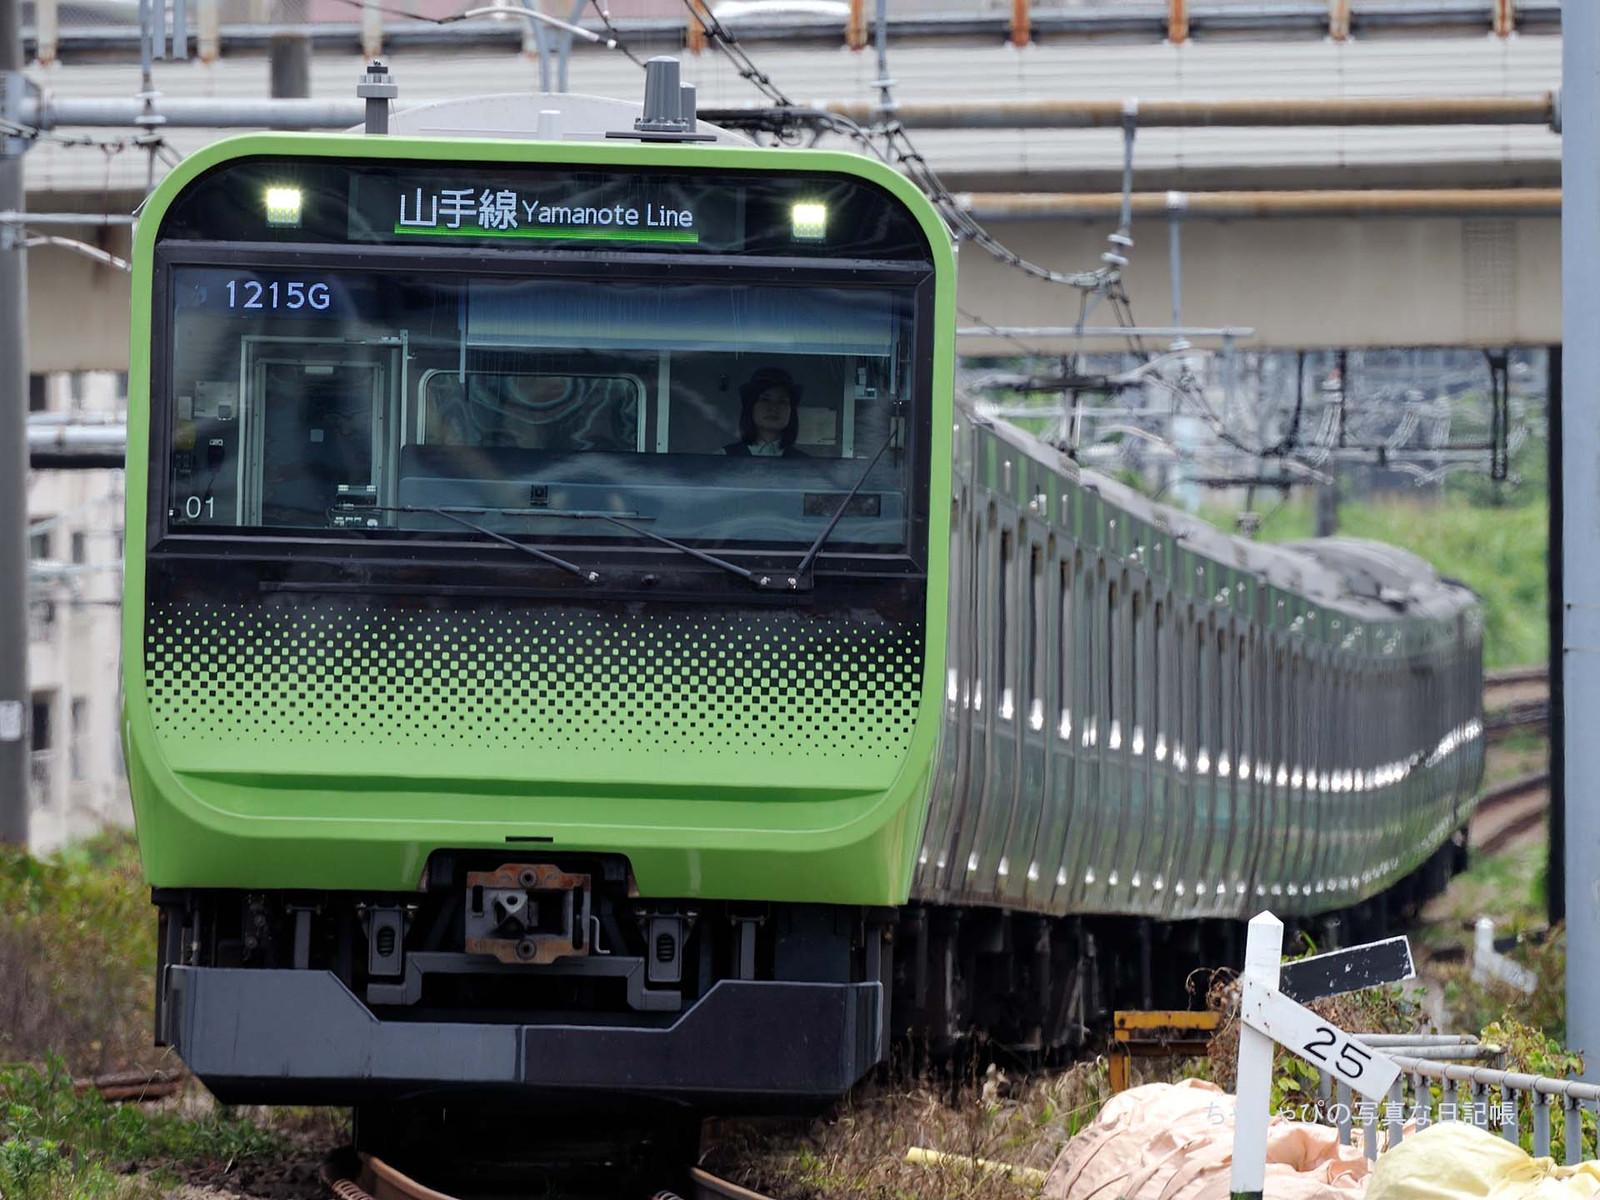 E235系0番台 -1215ゥ 01編成-